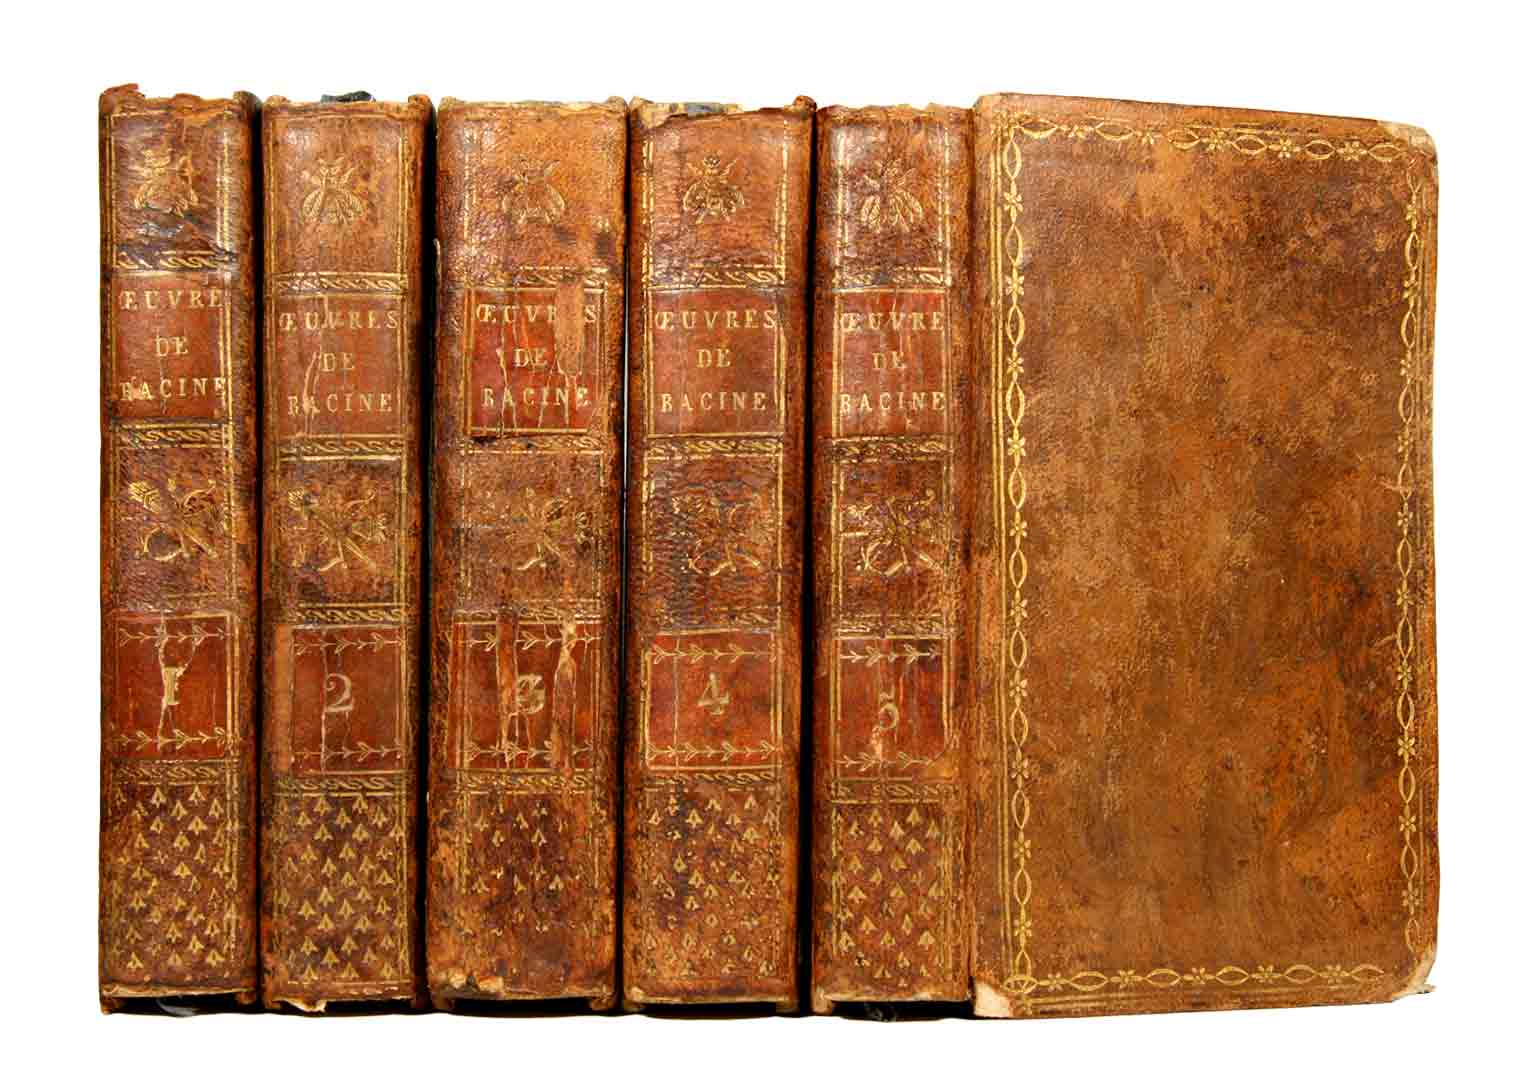 RACINE, JEAN: - Oeuvres de Racine. Deuxième tirage. En cinq volumes, complet.